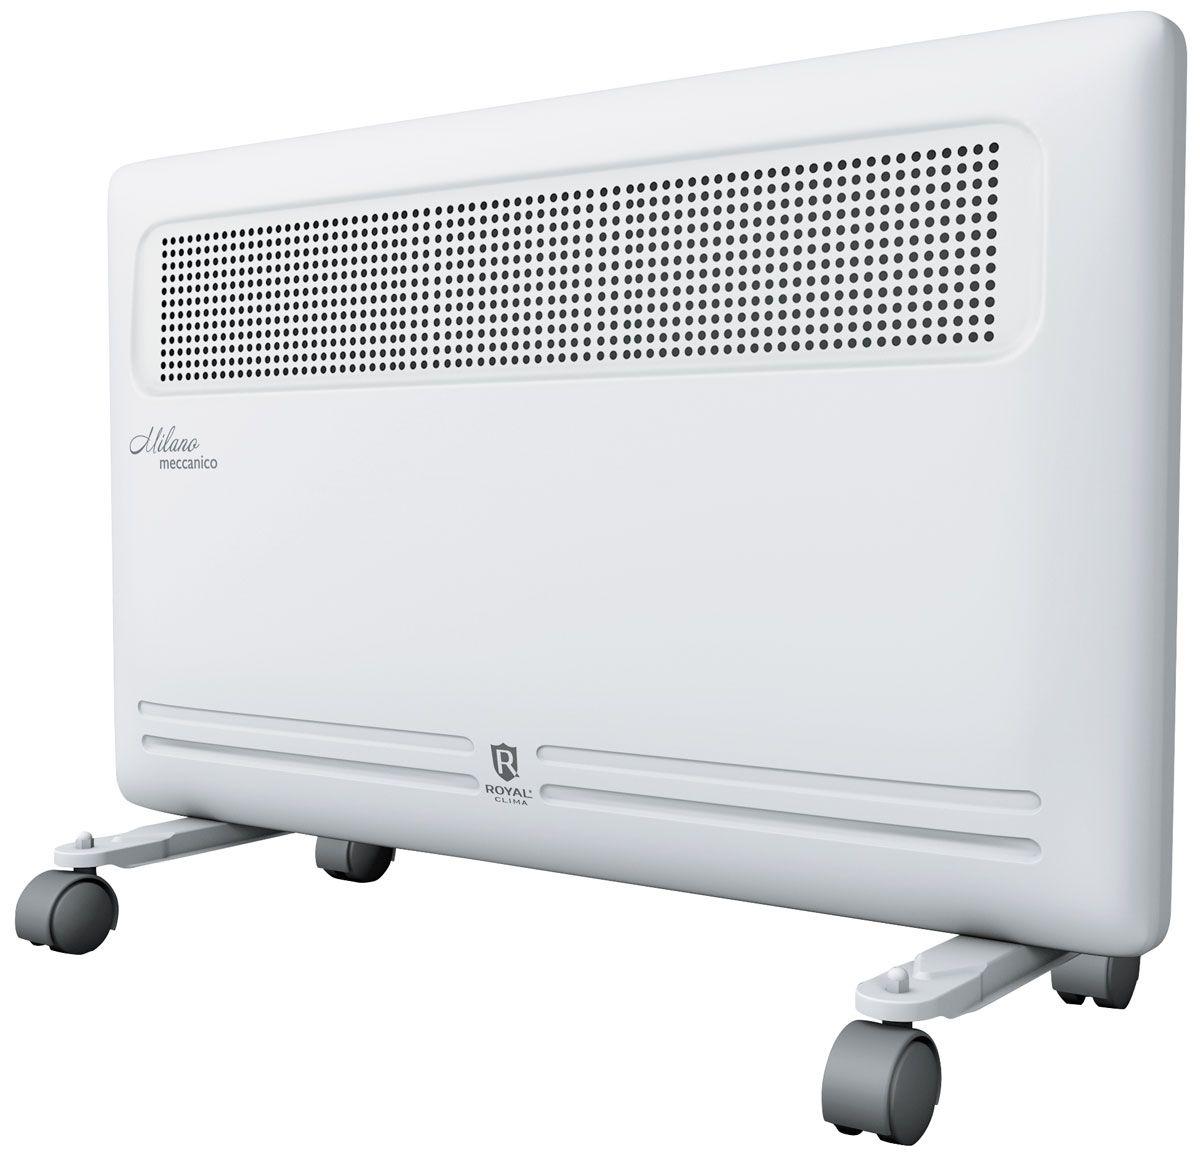 Royal Clima REC-M1500M электрический конвекторREC-M1500MКонвектор Royal Milano Meccanico - это идеальное сочетание высокого качества, производительности и безопасности использования в изысканном итальянском дизайне. Эксклюзивная конструкция воздухораздаточного отверстия увеличенной площади обеспечивает равномерный прогрев всего помещения. Высокая эффективность работы конвектора достигается благодаря литому алюминиевому нагревательному X-элементу X-ROYAL Long Life Heater, который обладает увеличенной площадью теплообмена и сниженной температурой поверхности. Нагревательный элемент нового поколения обеспечивает мгновенный разогрев за 10-20 секунд, высокую эффективность распределения тепла, и при этом не пересушивает воздух и не сжигает кислород. Все необходимые опции и режимы, система безопасной эксплуатации Security Project, легкая установка и эксплуатация делают Royal Milano Meccanico незаменимым для вашего дома.